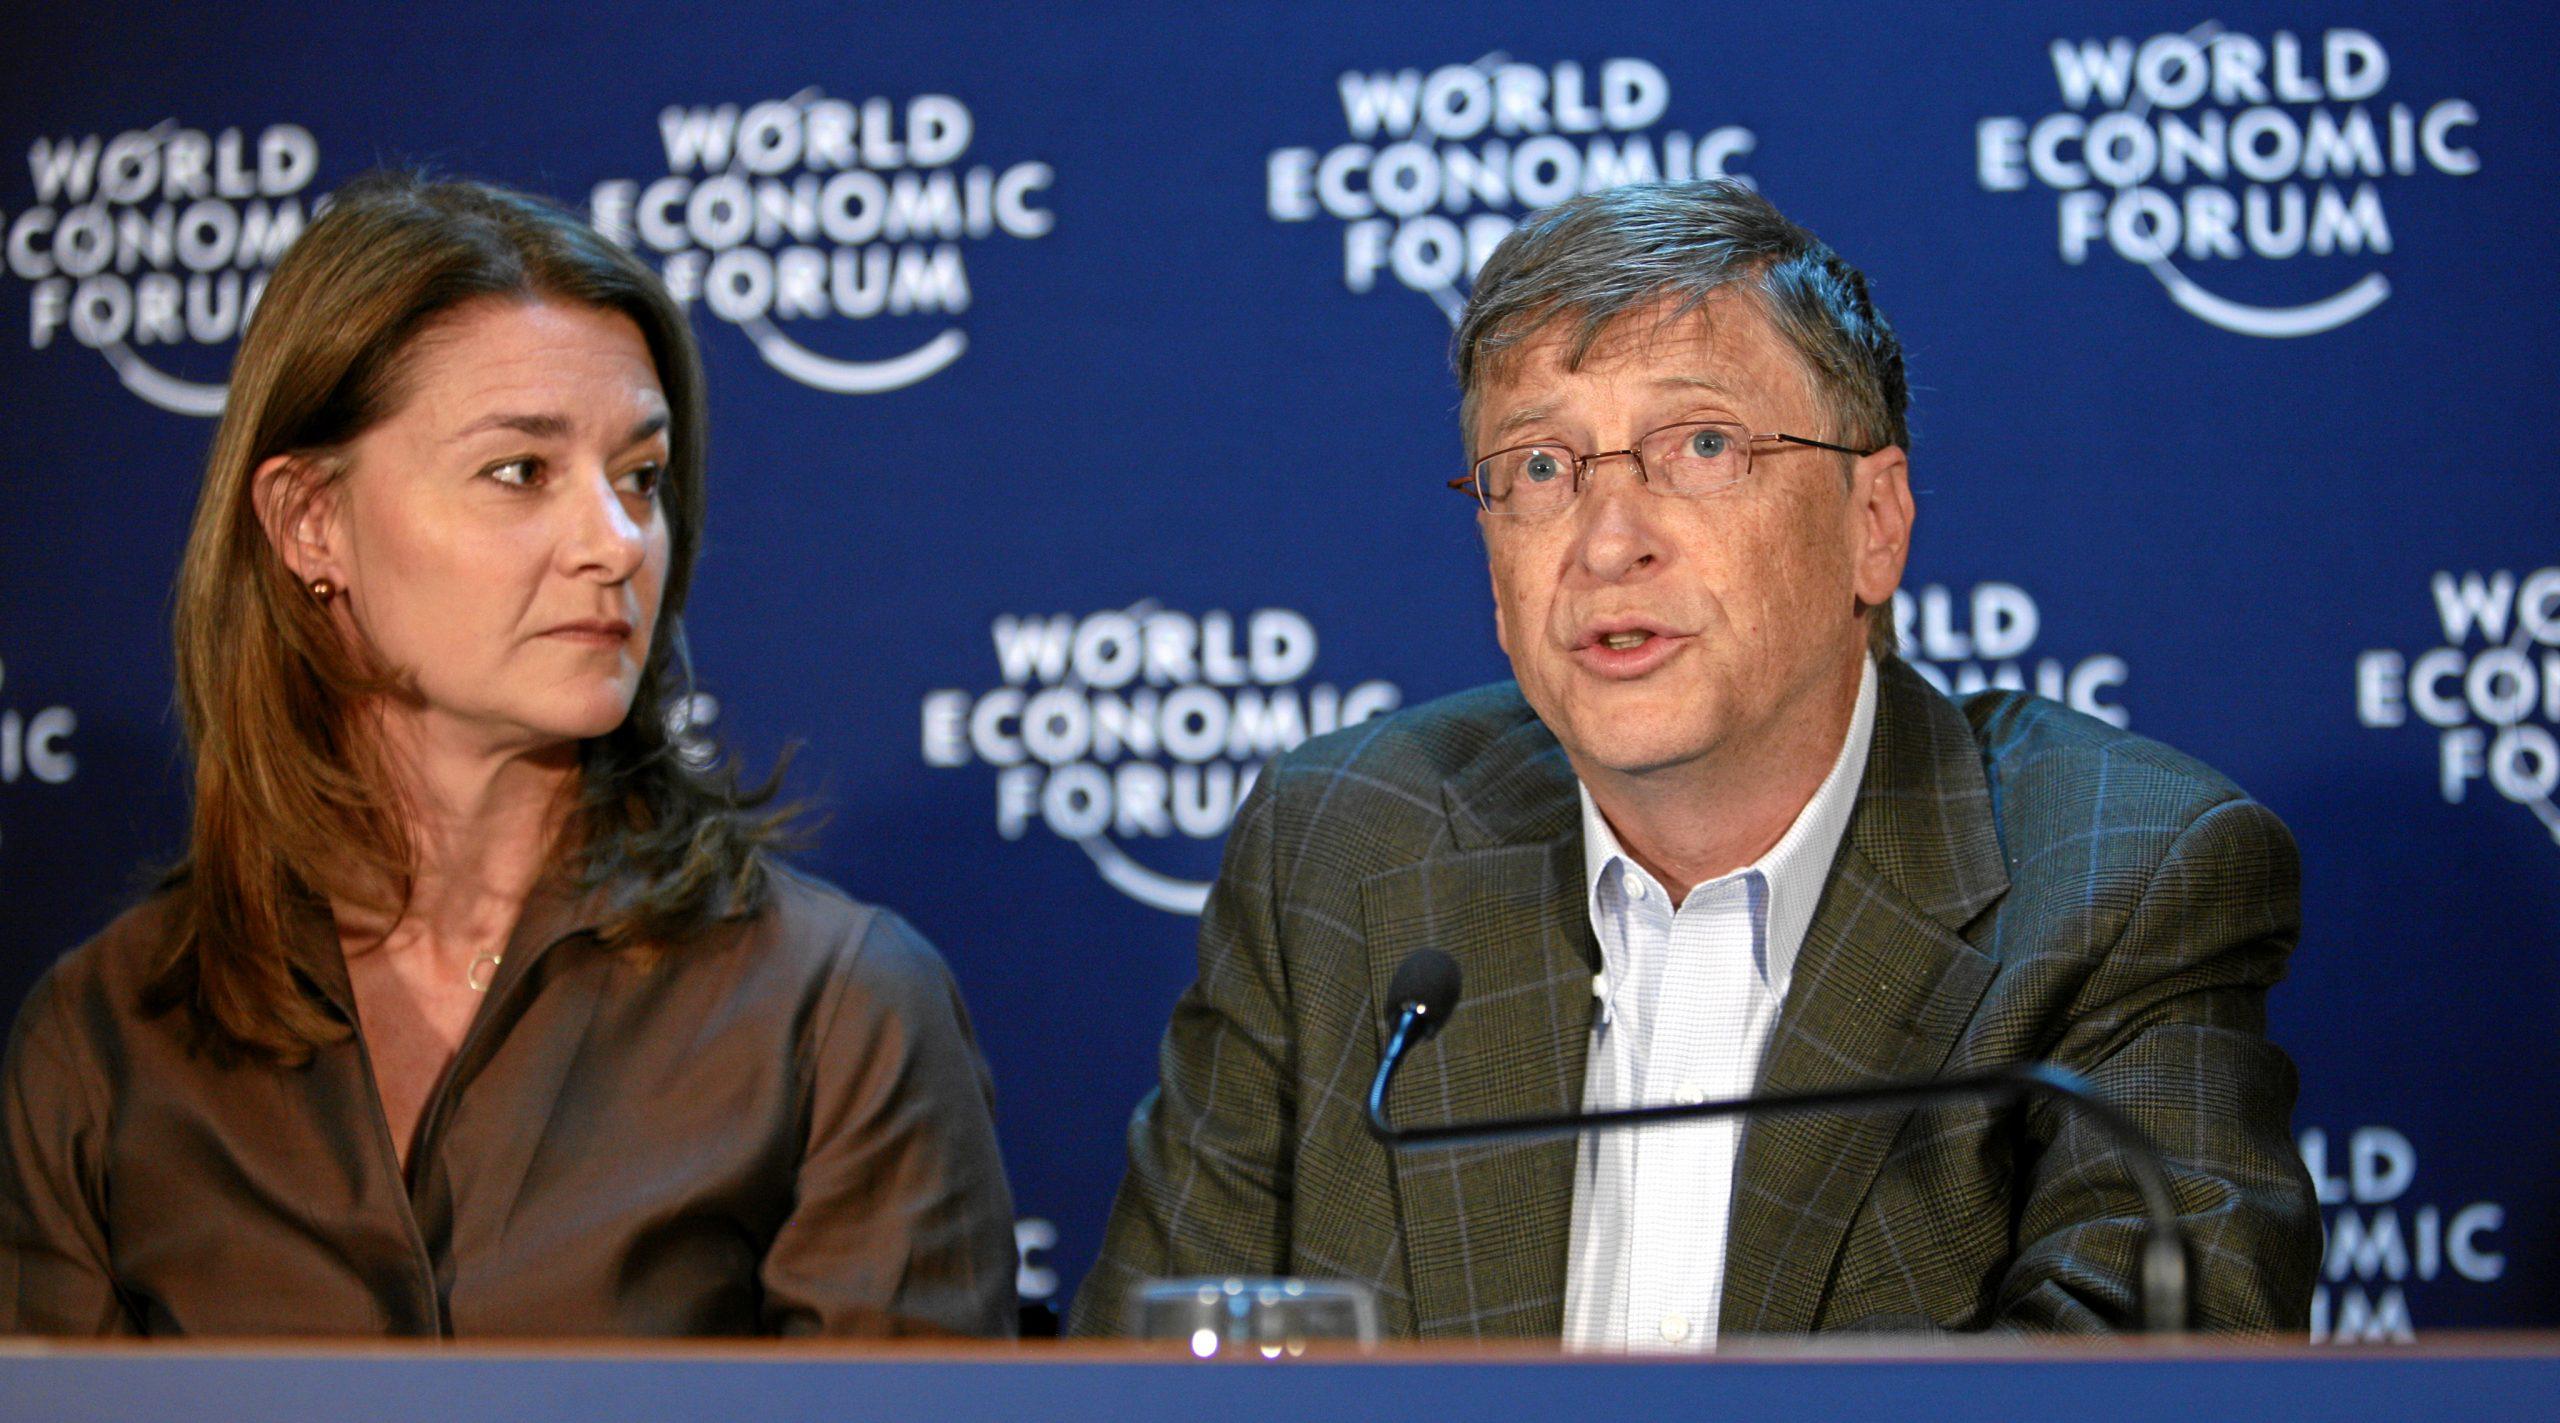 La coppia Gates che parla al World Economics Forum